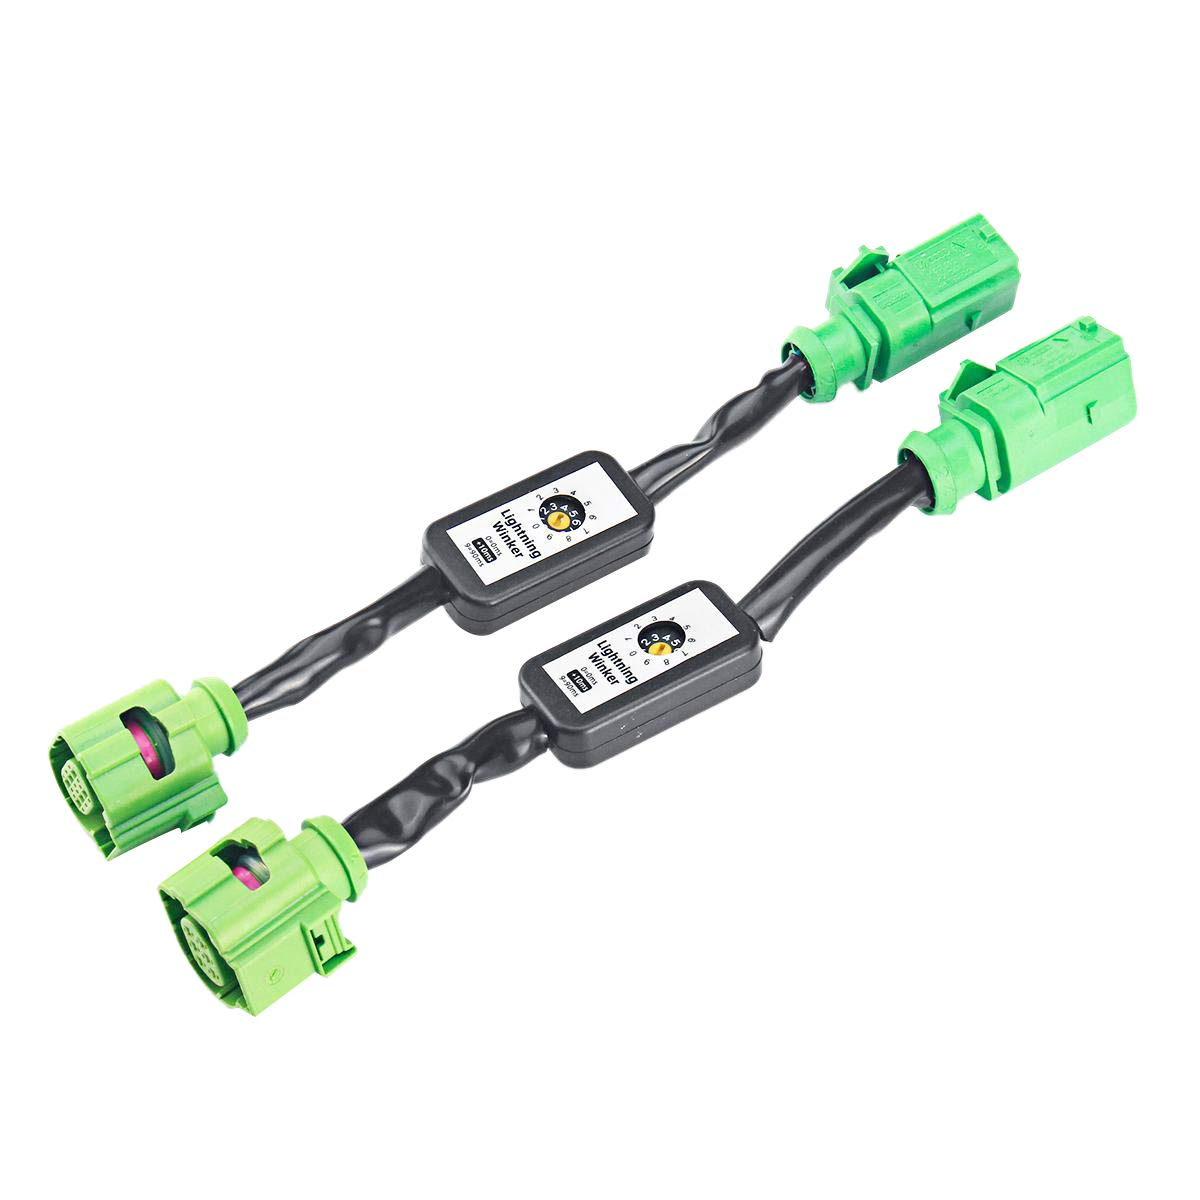 TOOGOO Dynamische Blinker LED R/üCk Licht Zusatz Modul Kabel Baum f/ür A6 S6 Rs6 4G C7 Limousine